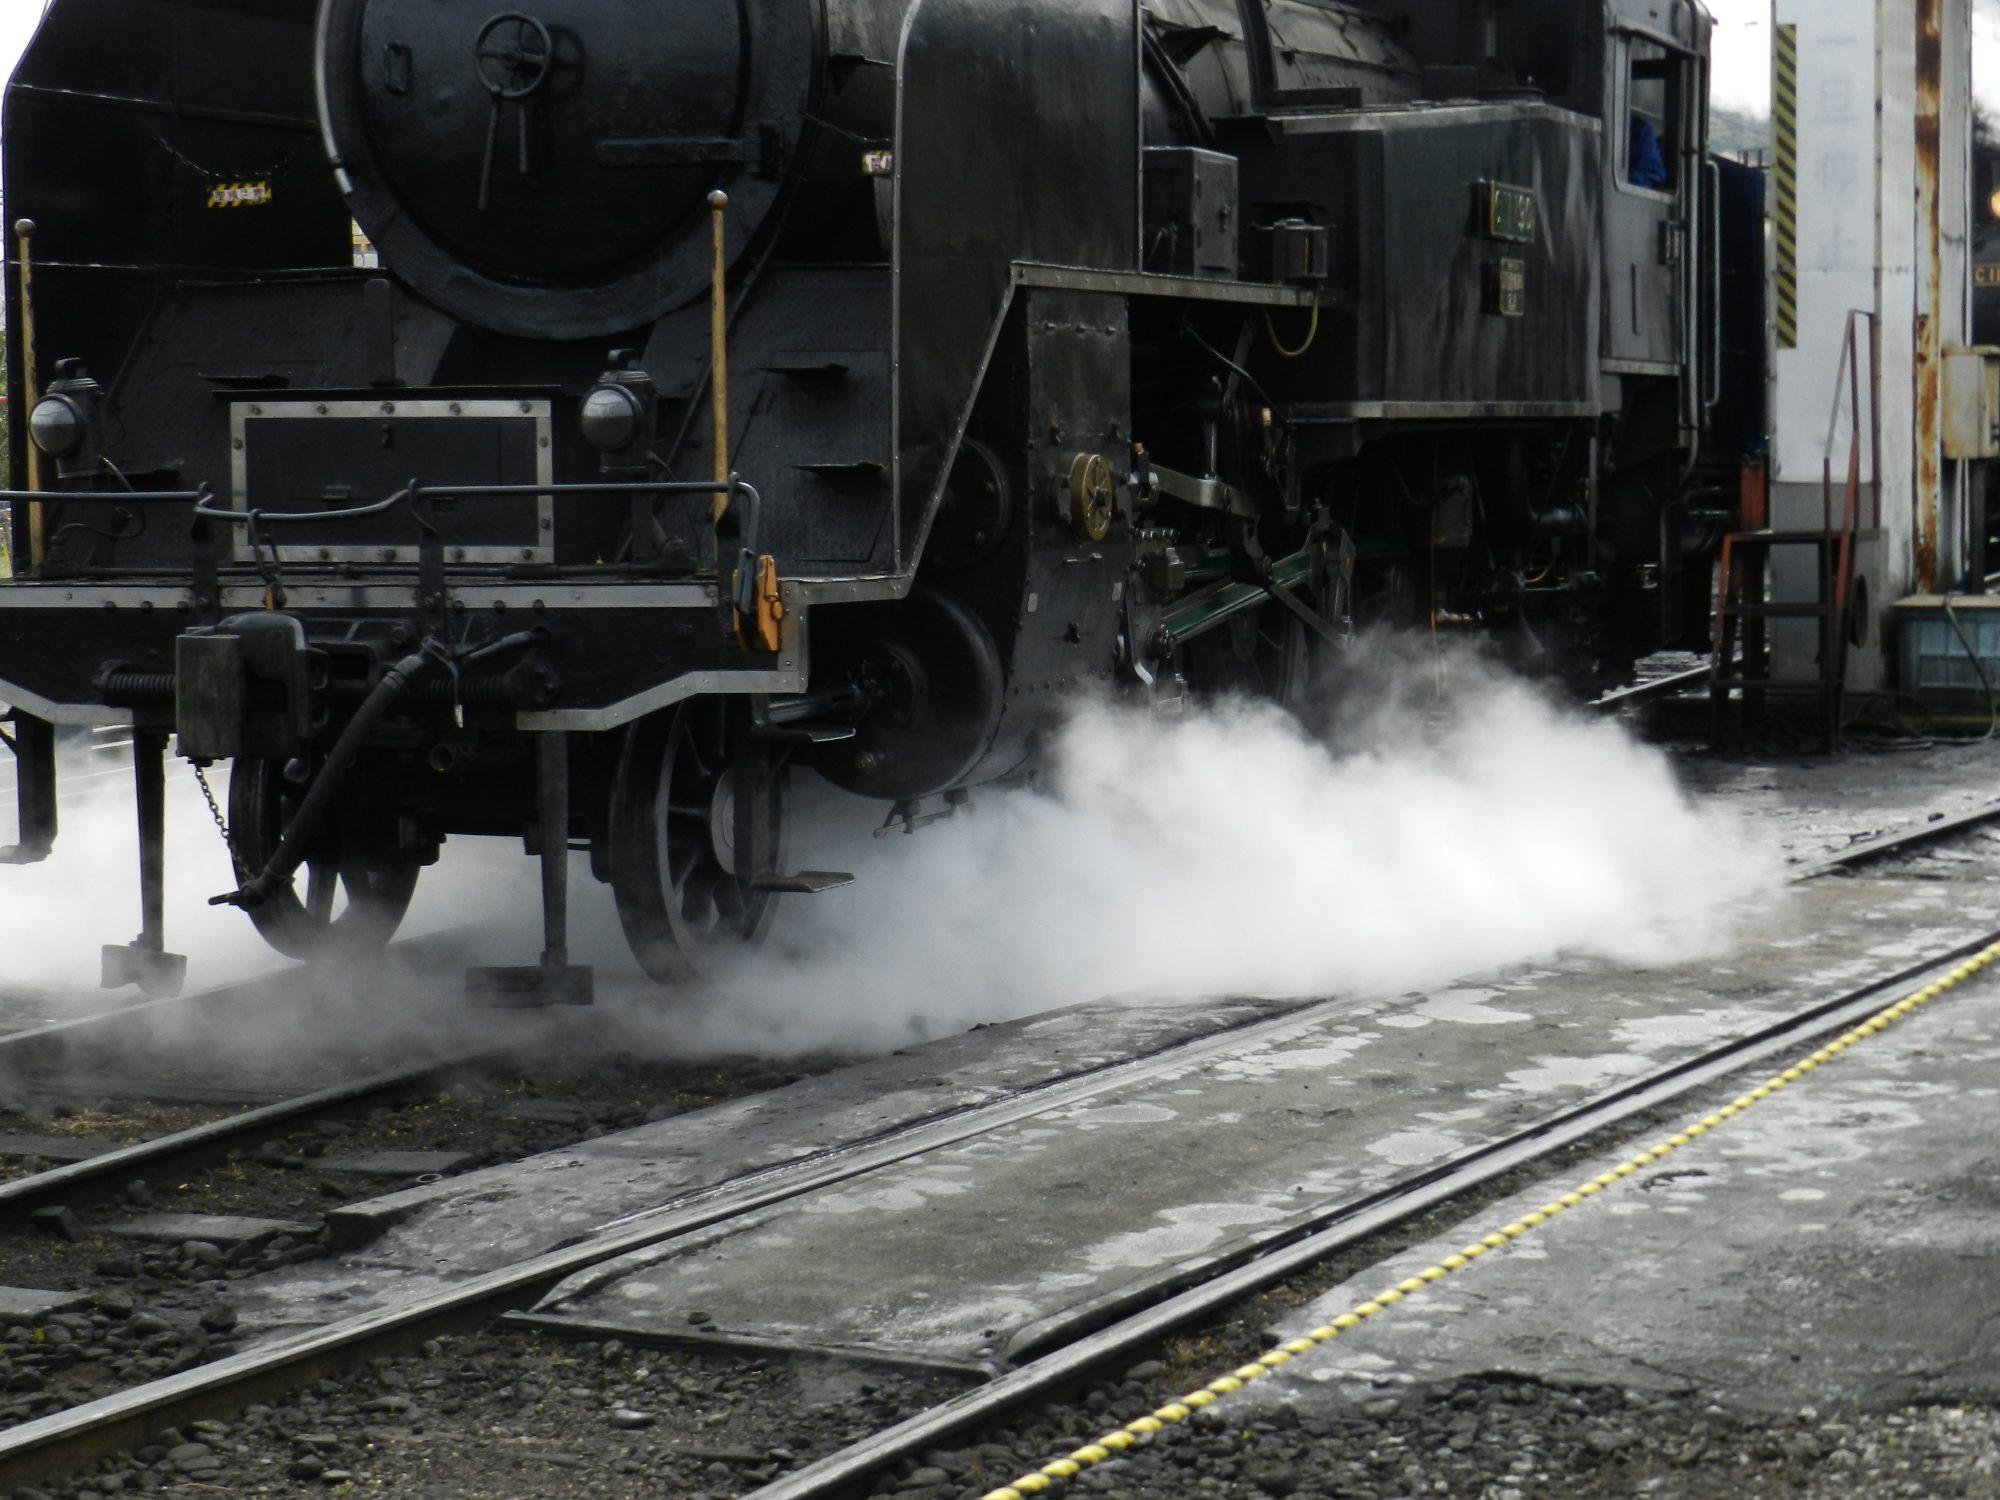 035 Steam engine Kinmonth